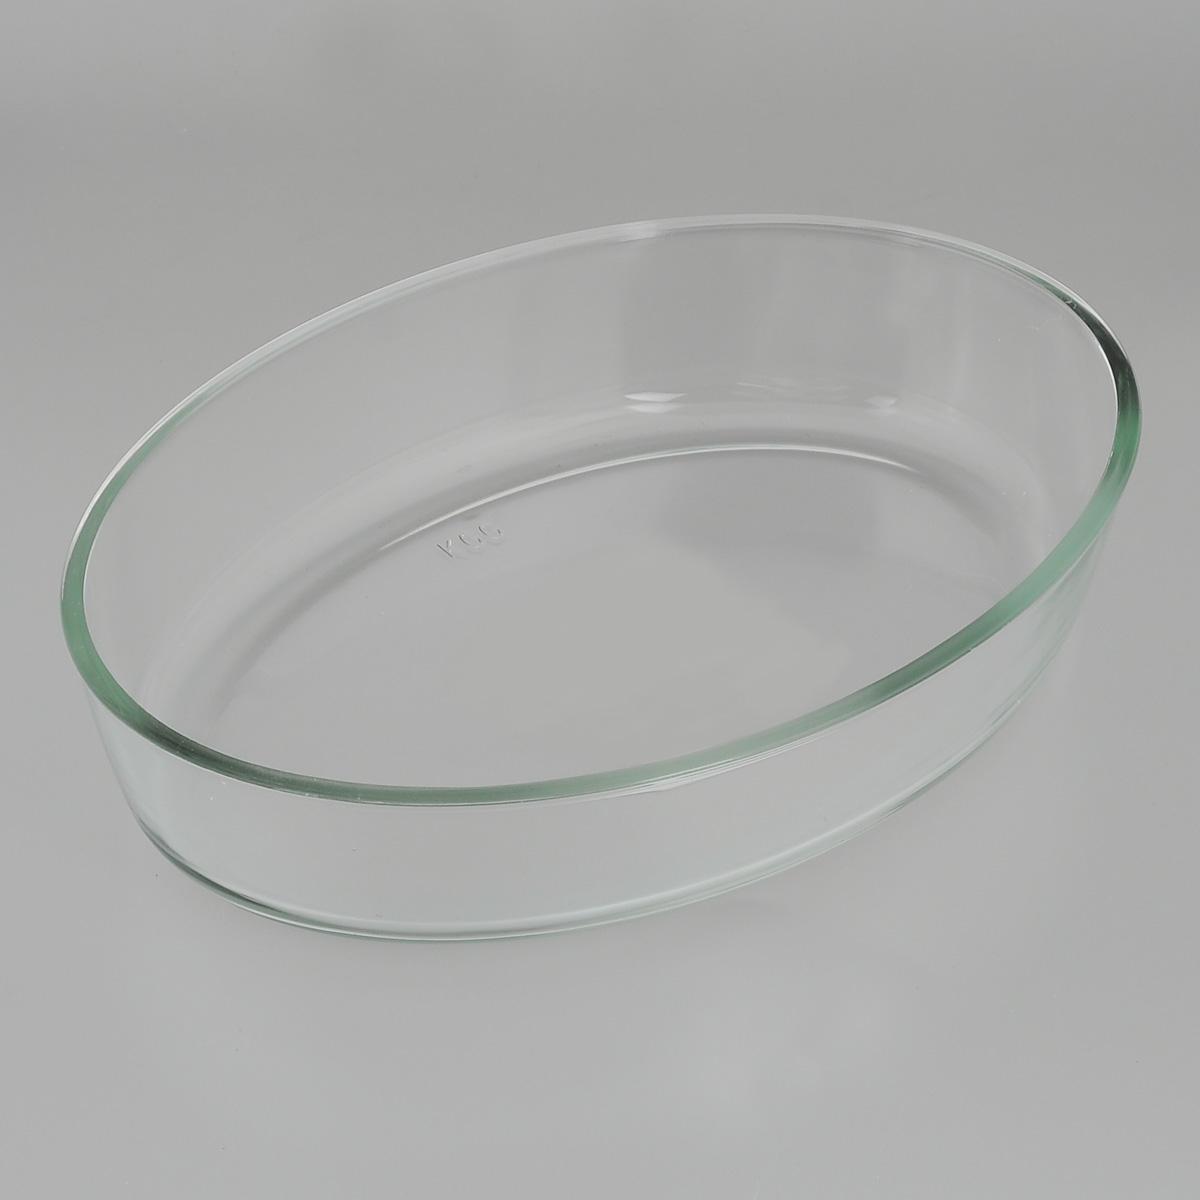 """Овальная форма для запекания """"Mijotex"""" изготовлена из жаропрочного стекла, которое выдерживает температуру до +450°С. Форма предназначена для приготовления горячих блюд. Материал изделия гигиеничен, прост в уходе и обладает высокой степенью прочности.  Форма идеально подходит для использования в духовках, микроволновых печах, холодильниках и морозильных камерах. Также ее можно использовать на газовых плитах (на слабом огне) и на электроплитах. Можно мыть в посудомоечной машине. Размер формы (по верхнему краю): 26 см х 18 см. Высота стенки формы: 6 см."""